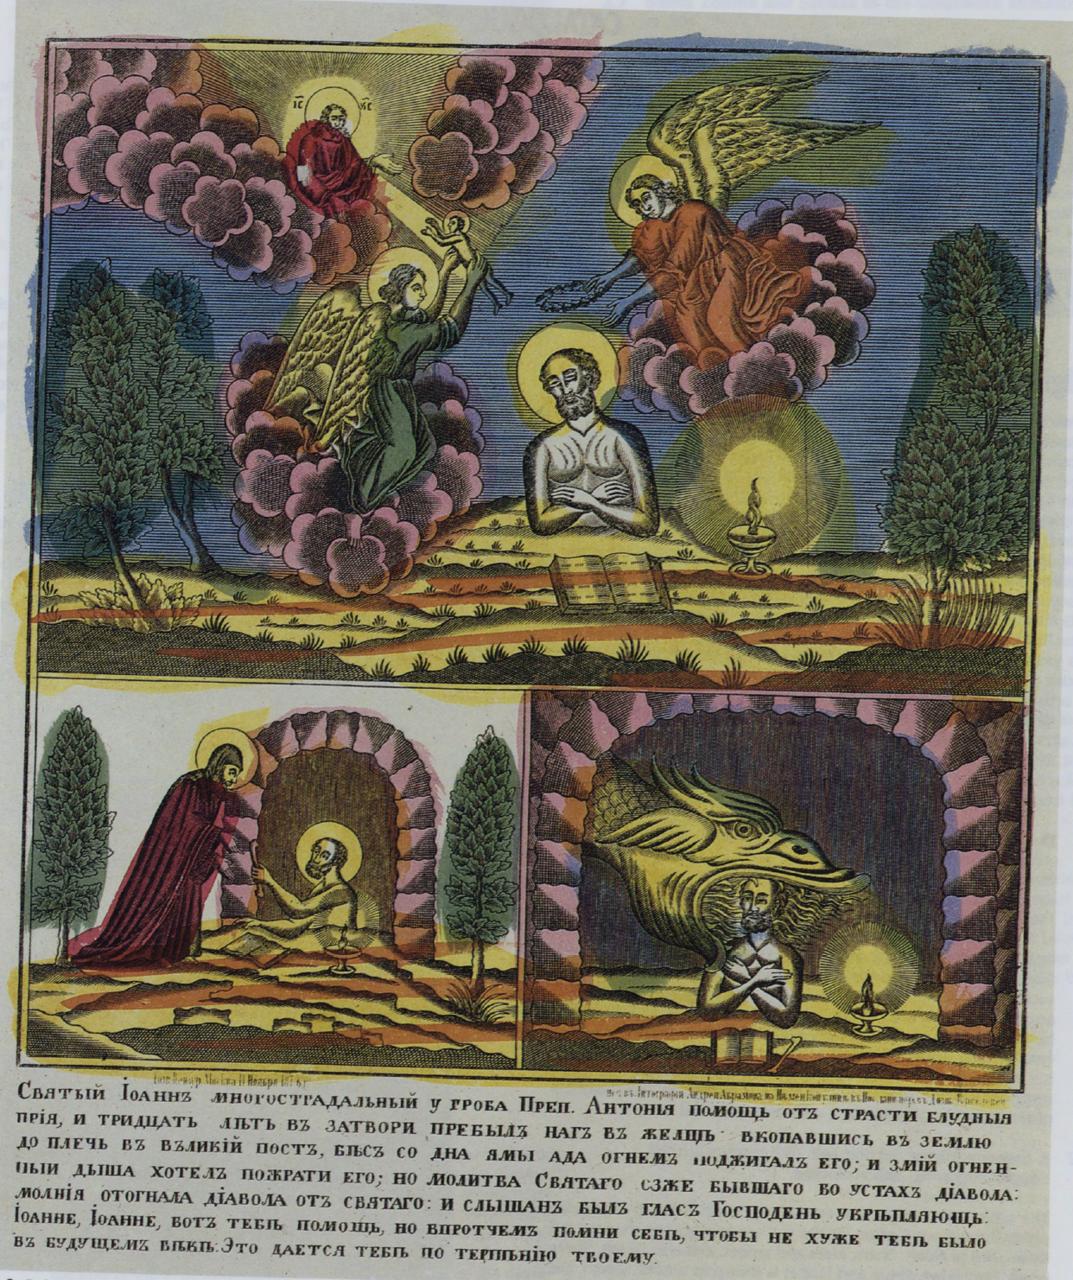 1876. Святой Иоанн Многострадальный. Москва.  Литогр. А.Абрамова